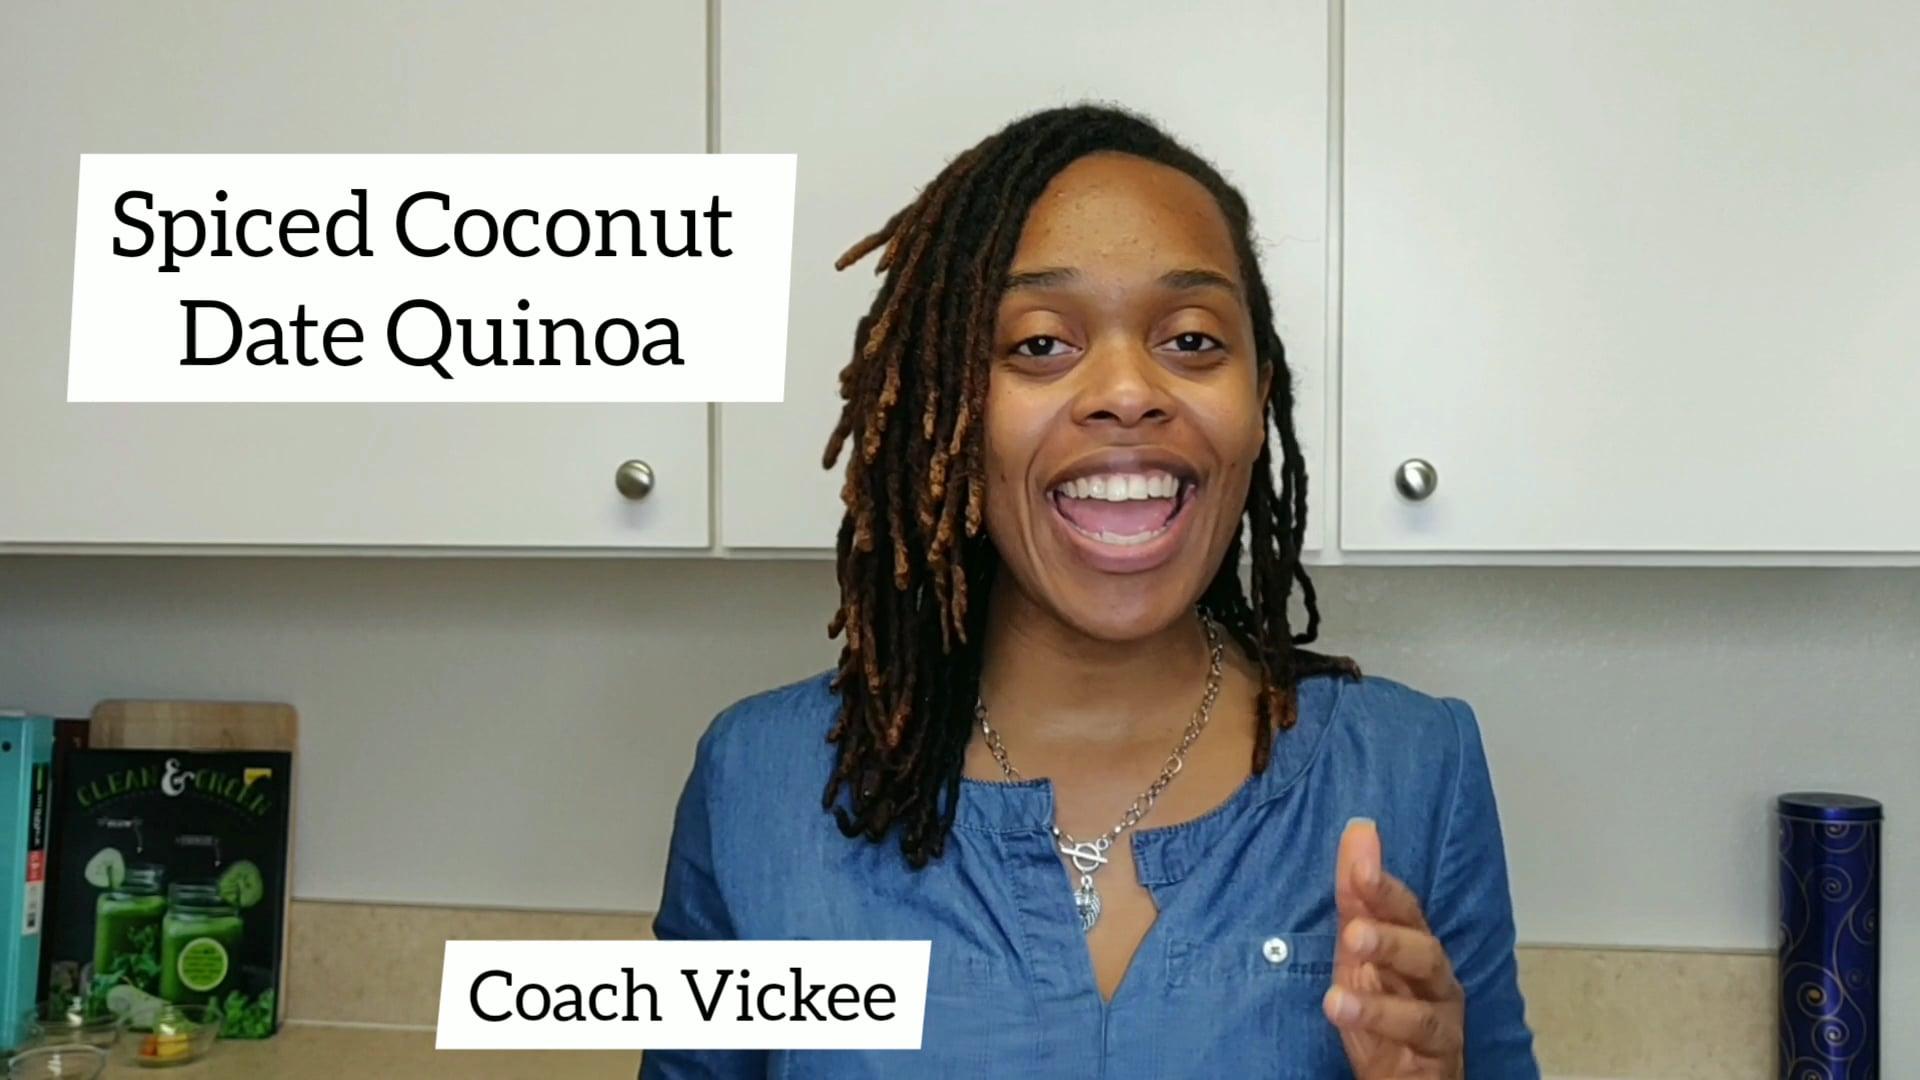 Spiced Coconut Date Quinoa